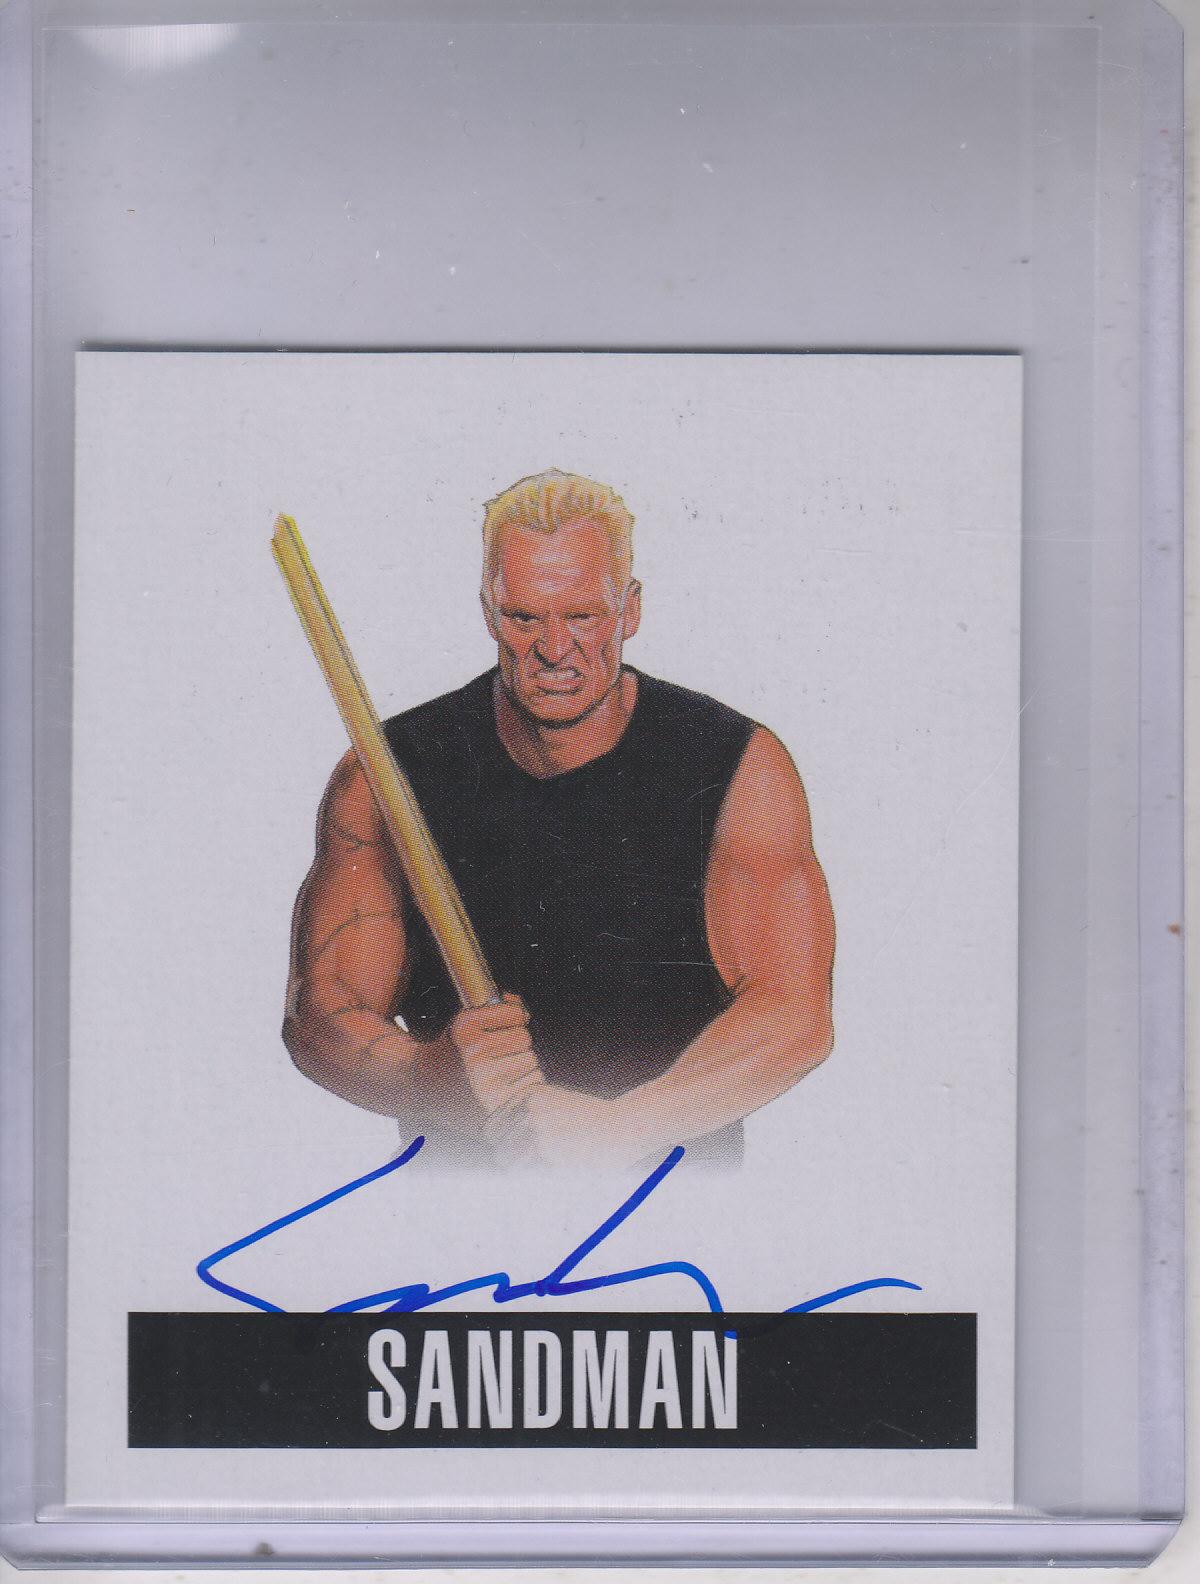 2014 Leaf Originals Wrestling #AS3 Sandman